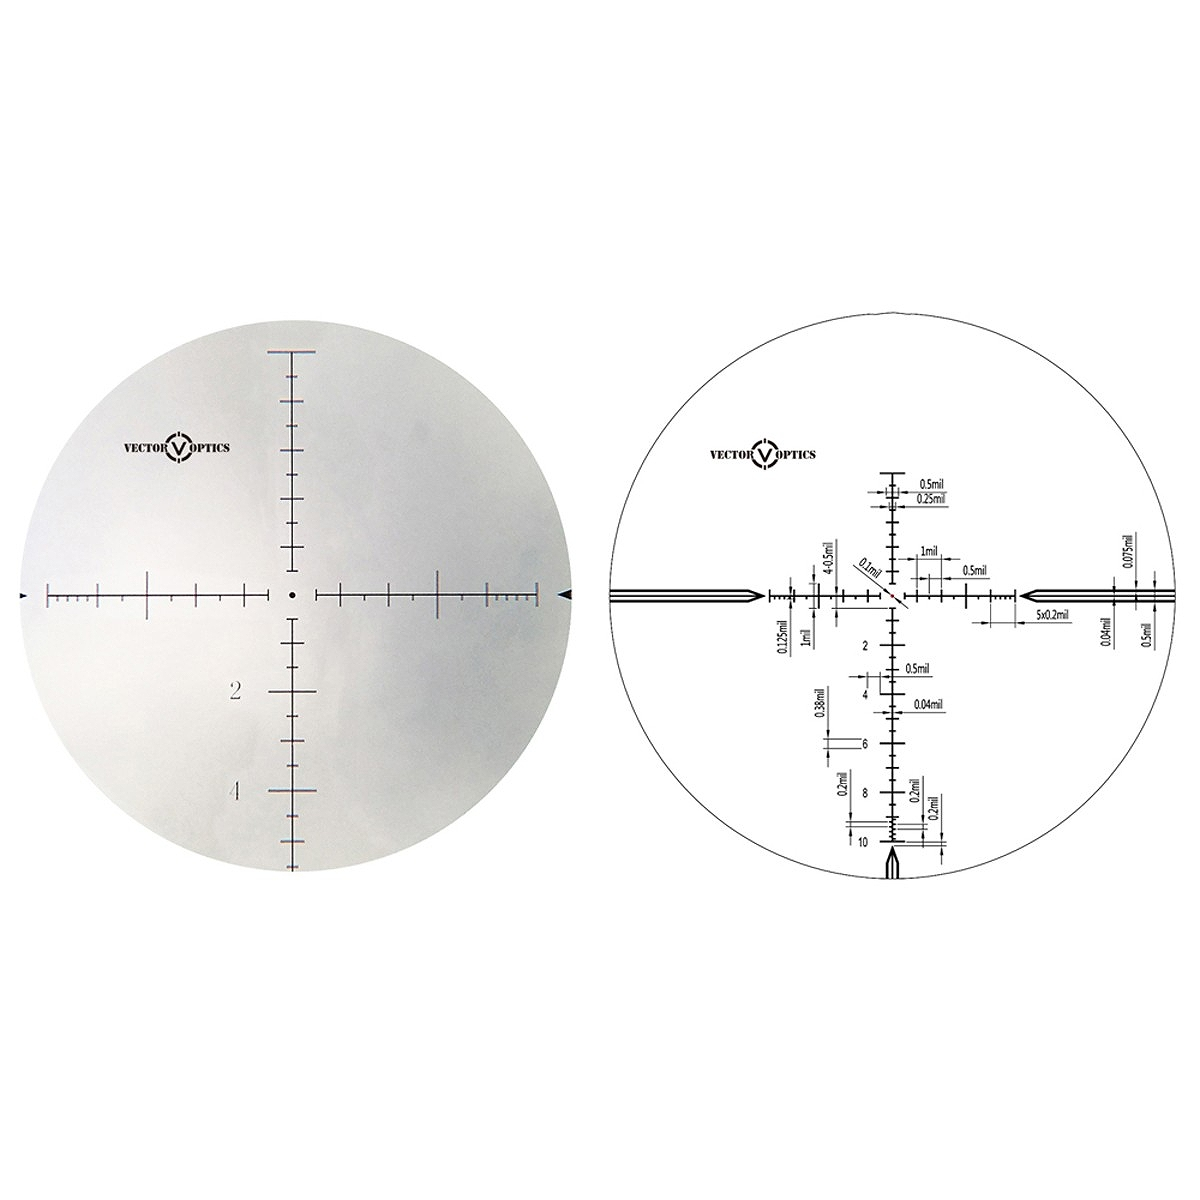 【お届け予定日: 5月30日】ベクターオプティクス ライフルスコープ Taurus 5-30x56  Vector Optics SCFF-14